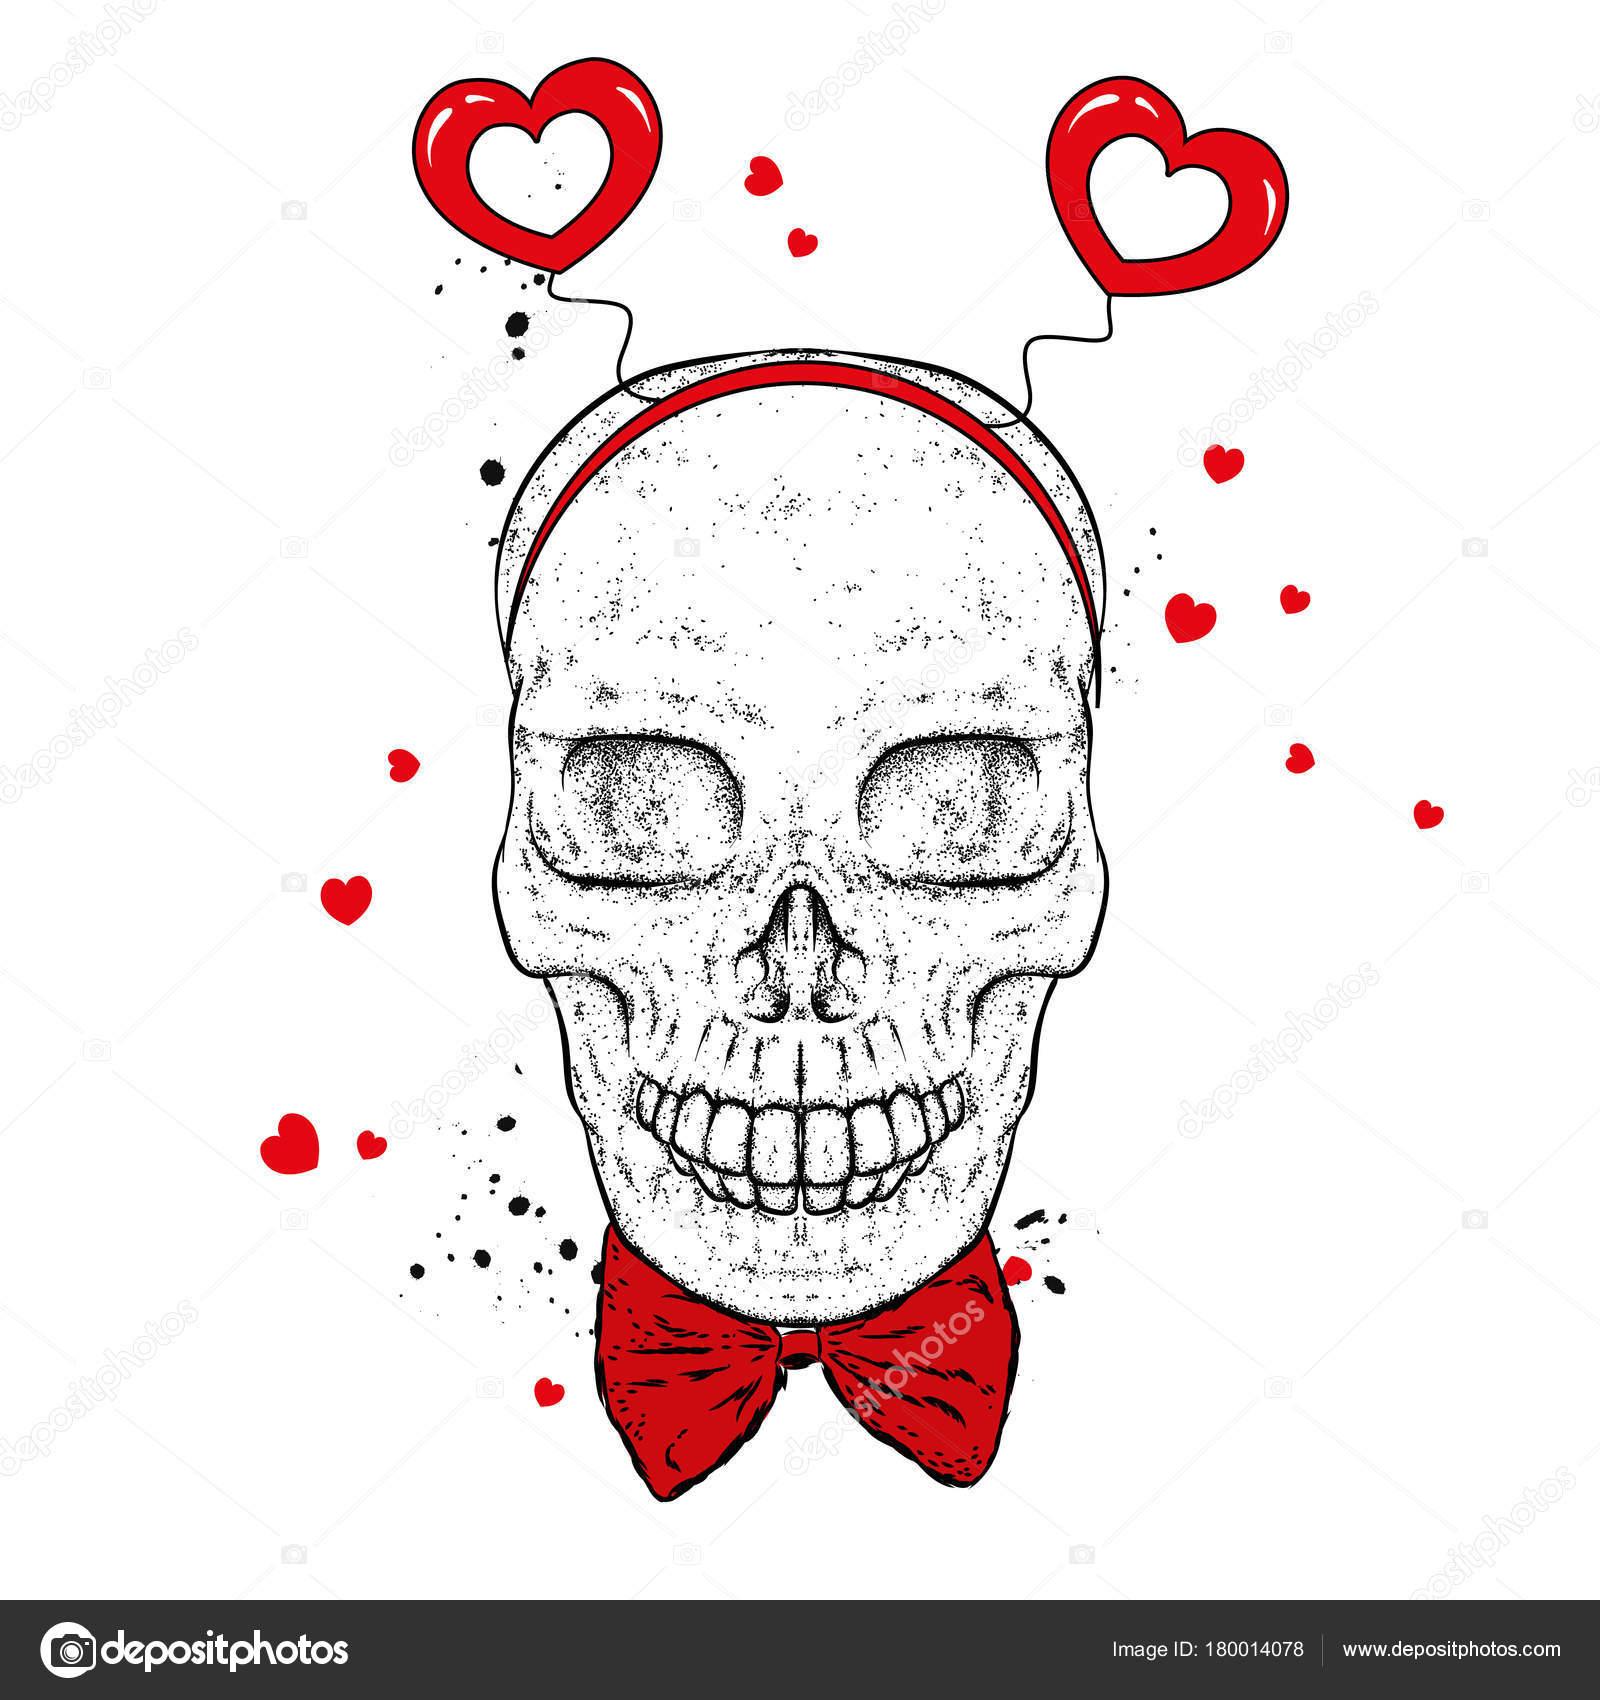 Dibujos Dia Del Amor Y La Amistad Cráneo Accesorios Con Corazones